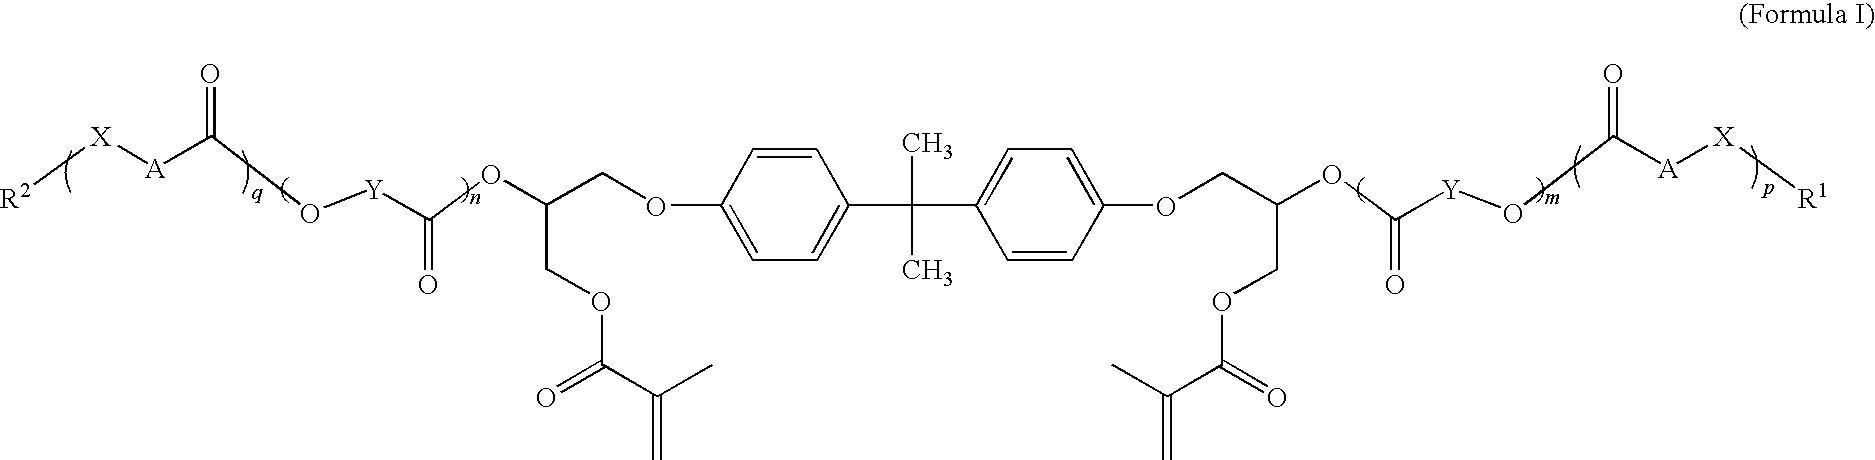 Figure US20100021869A1-20100128-C00002